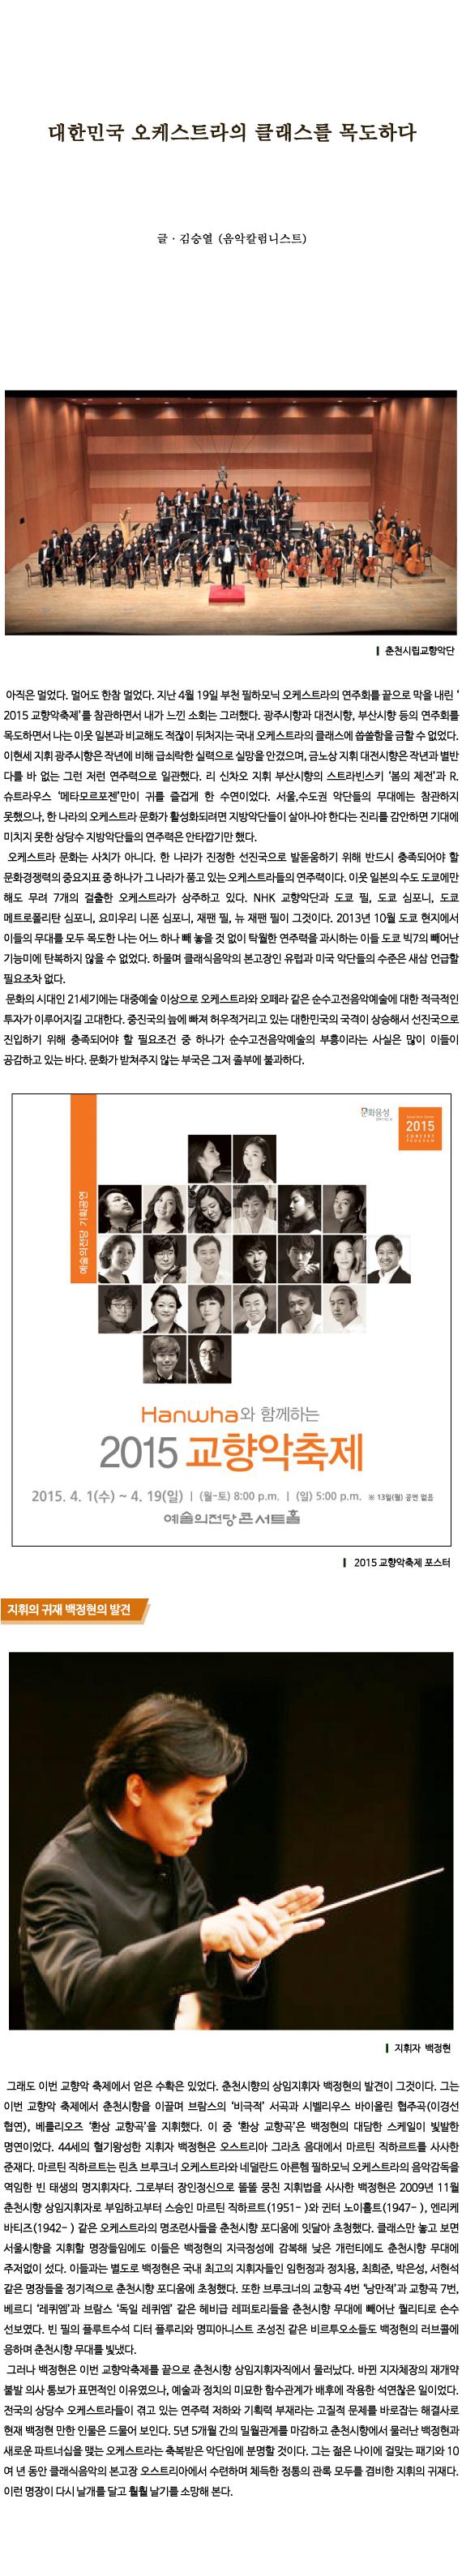 대한민국-오케스트라의-클래스를-목도하다.jpg